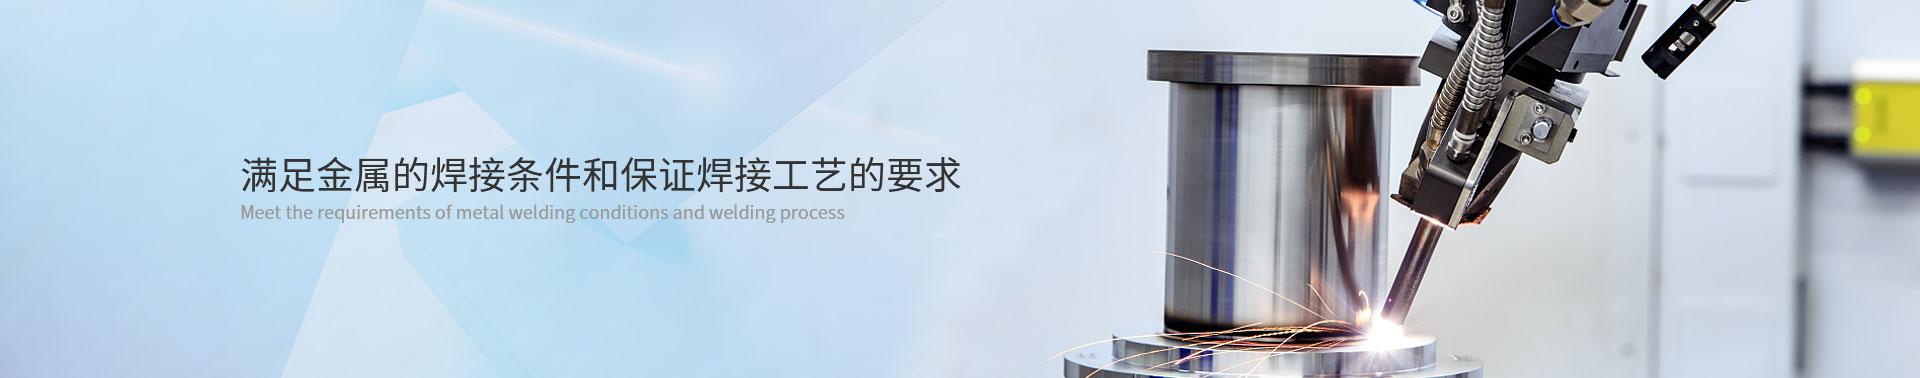 http://www.kstengxun.com/data/upload/202007/20200717143649_969.jpg